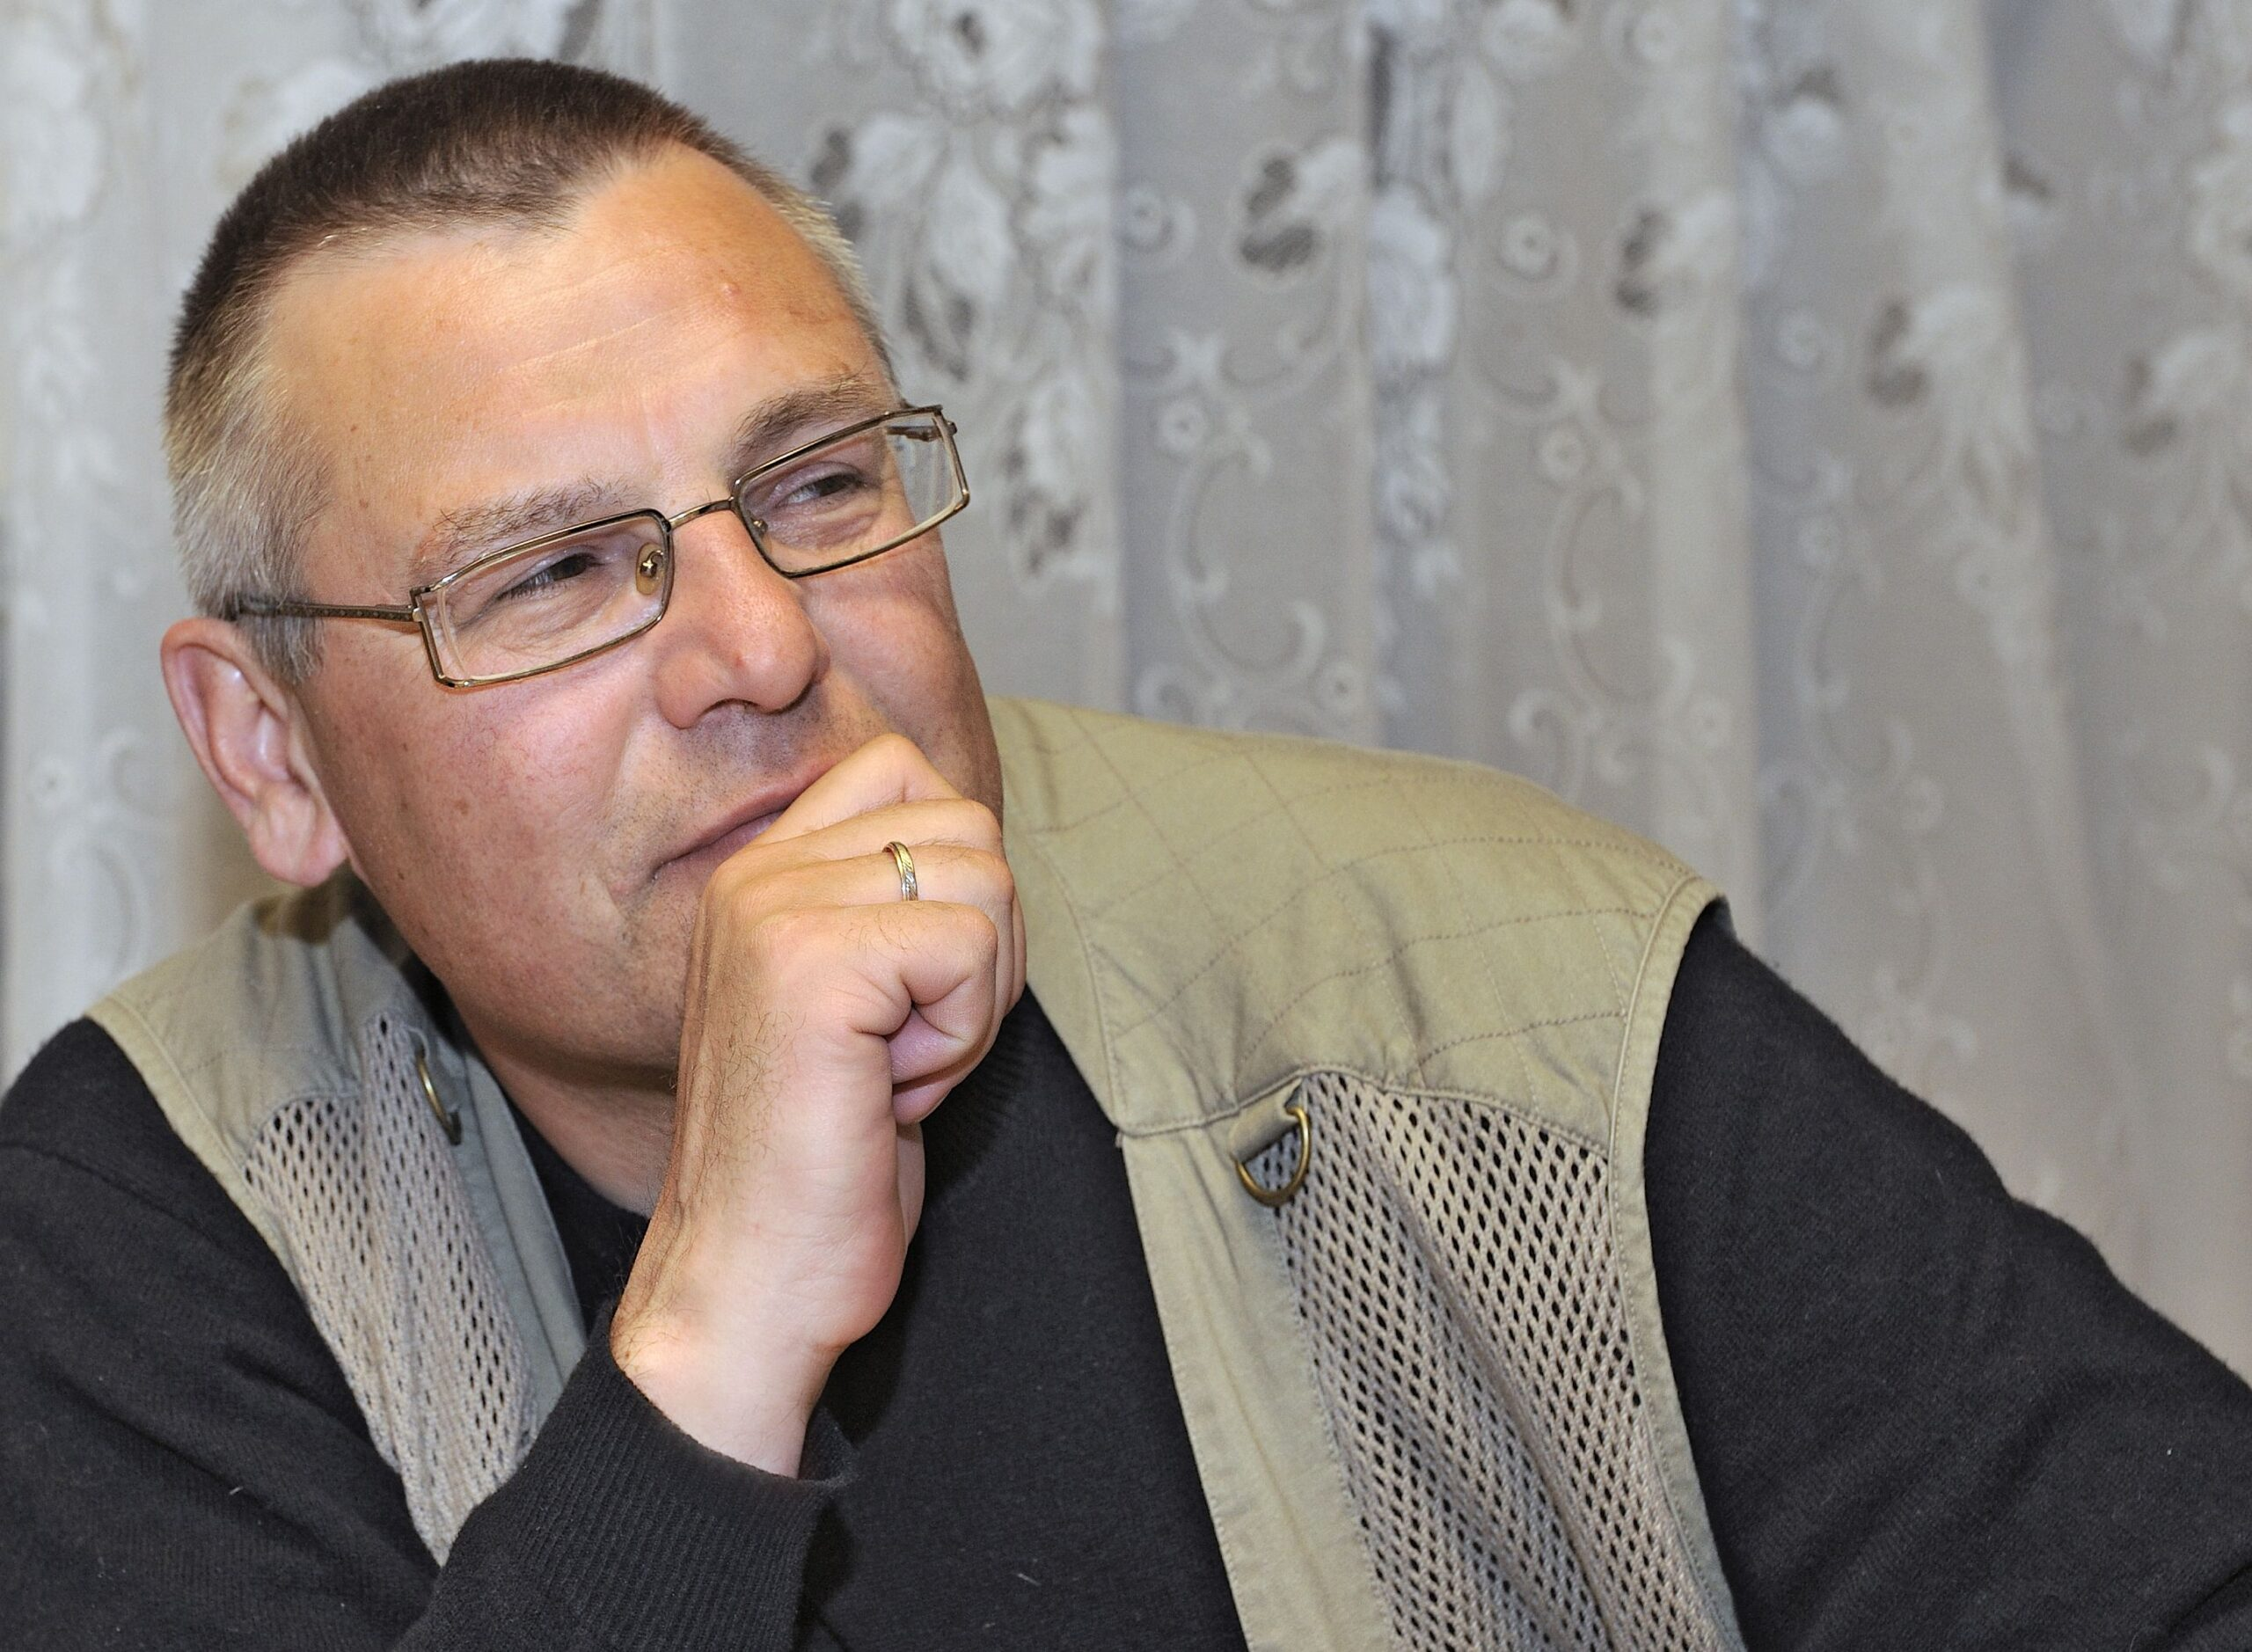 Известный астраханский фотограф Евгений Полонский отмечает юбилей